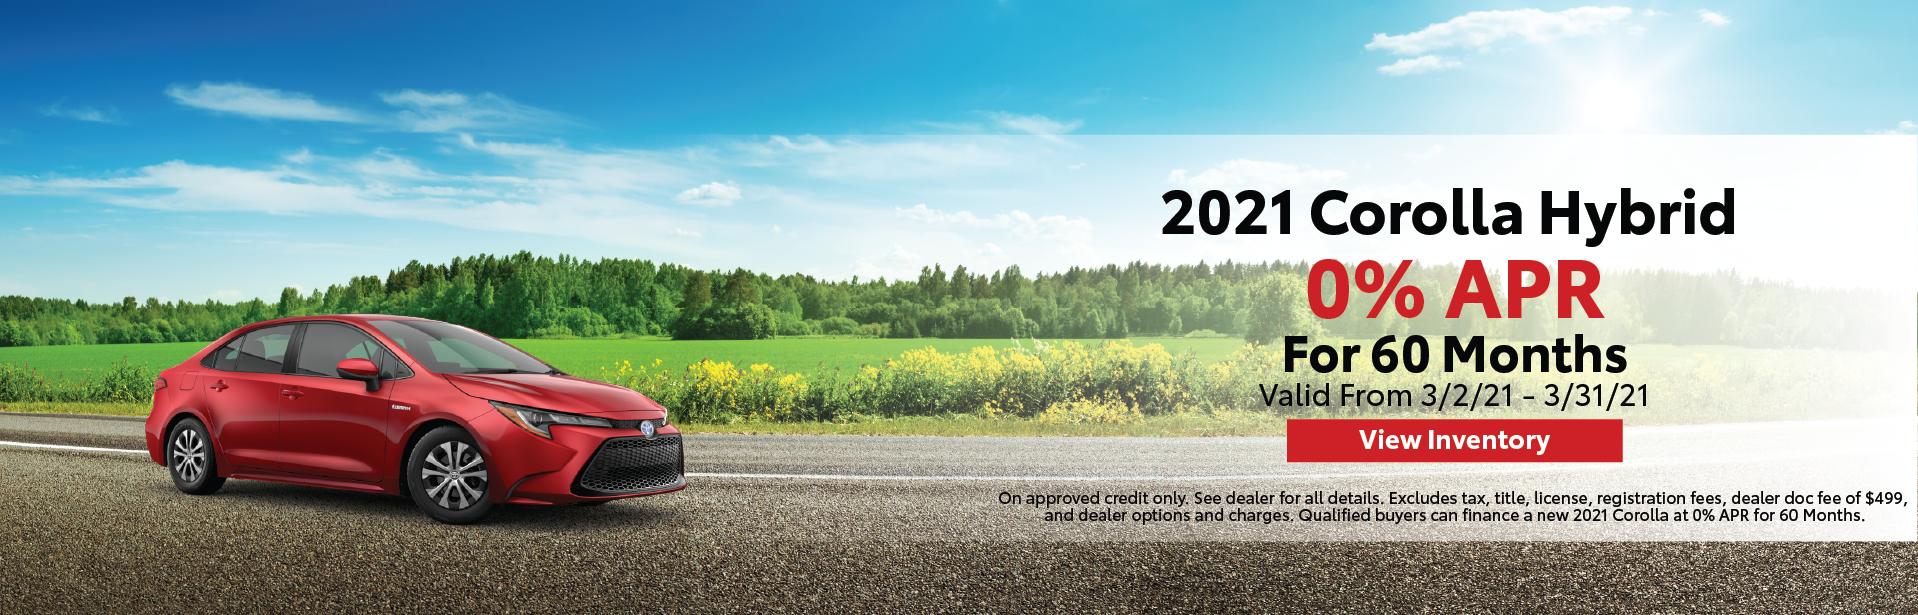 Mar. 2021 – Corolla Hybrid – Lynch Homepage